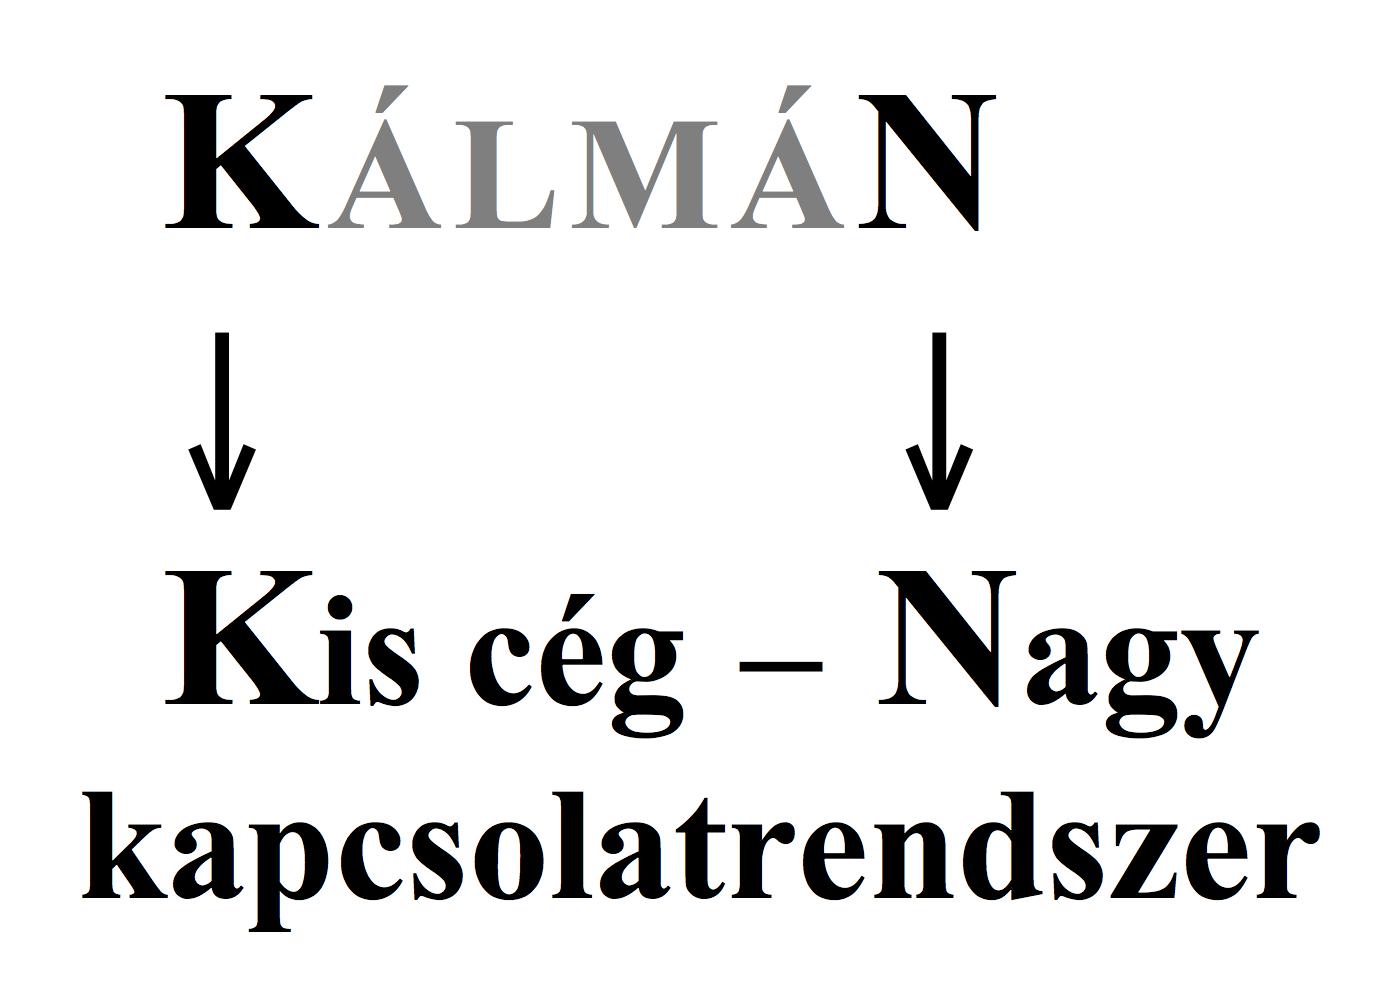 kalman_kis_ceg_nagy_kapcsolatrendszer